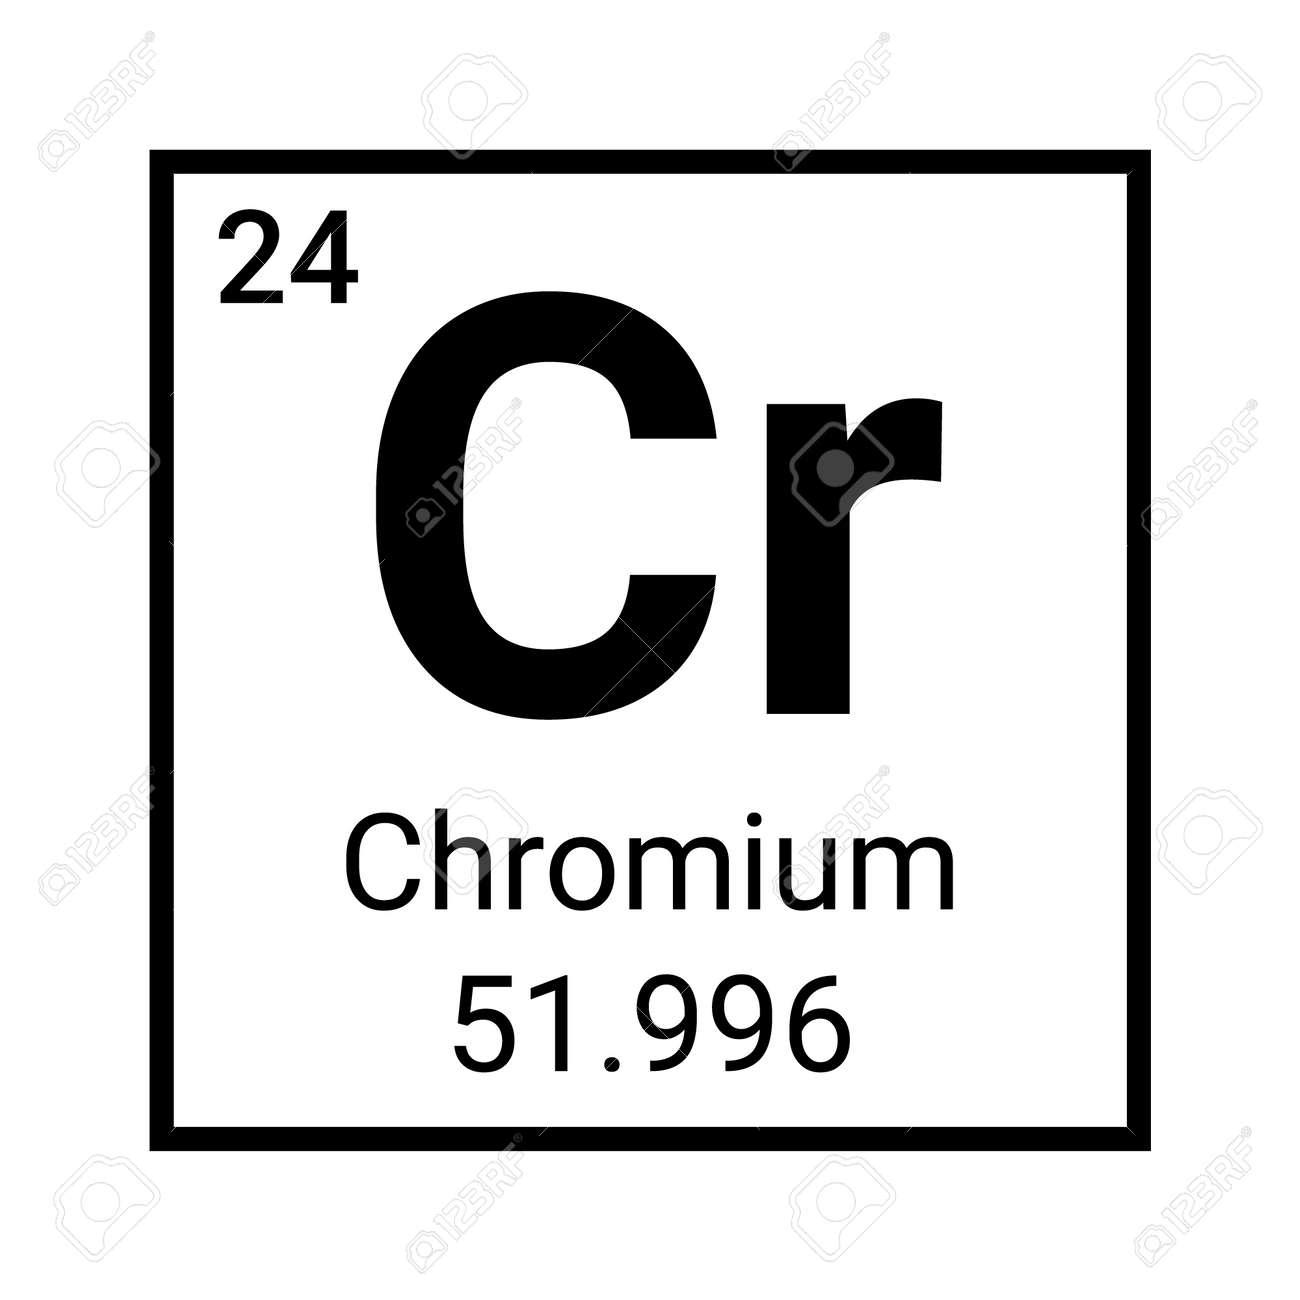 Chromium chemical element symbol. Chromium periodic table vector icon - 168952674